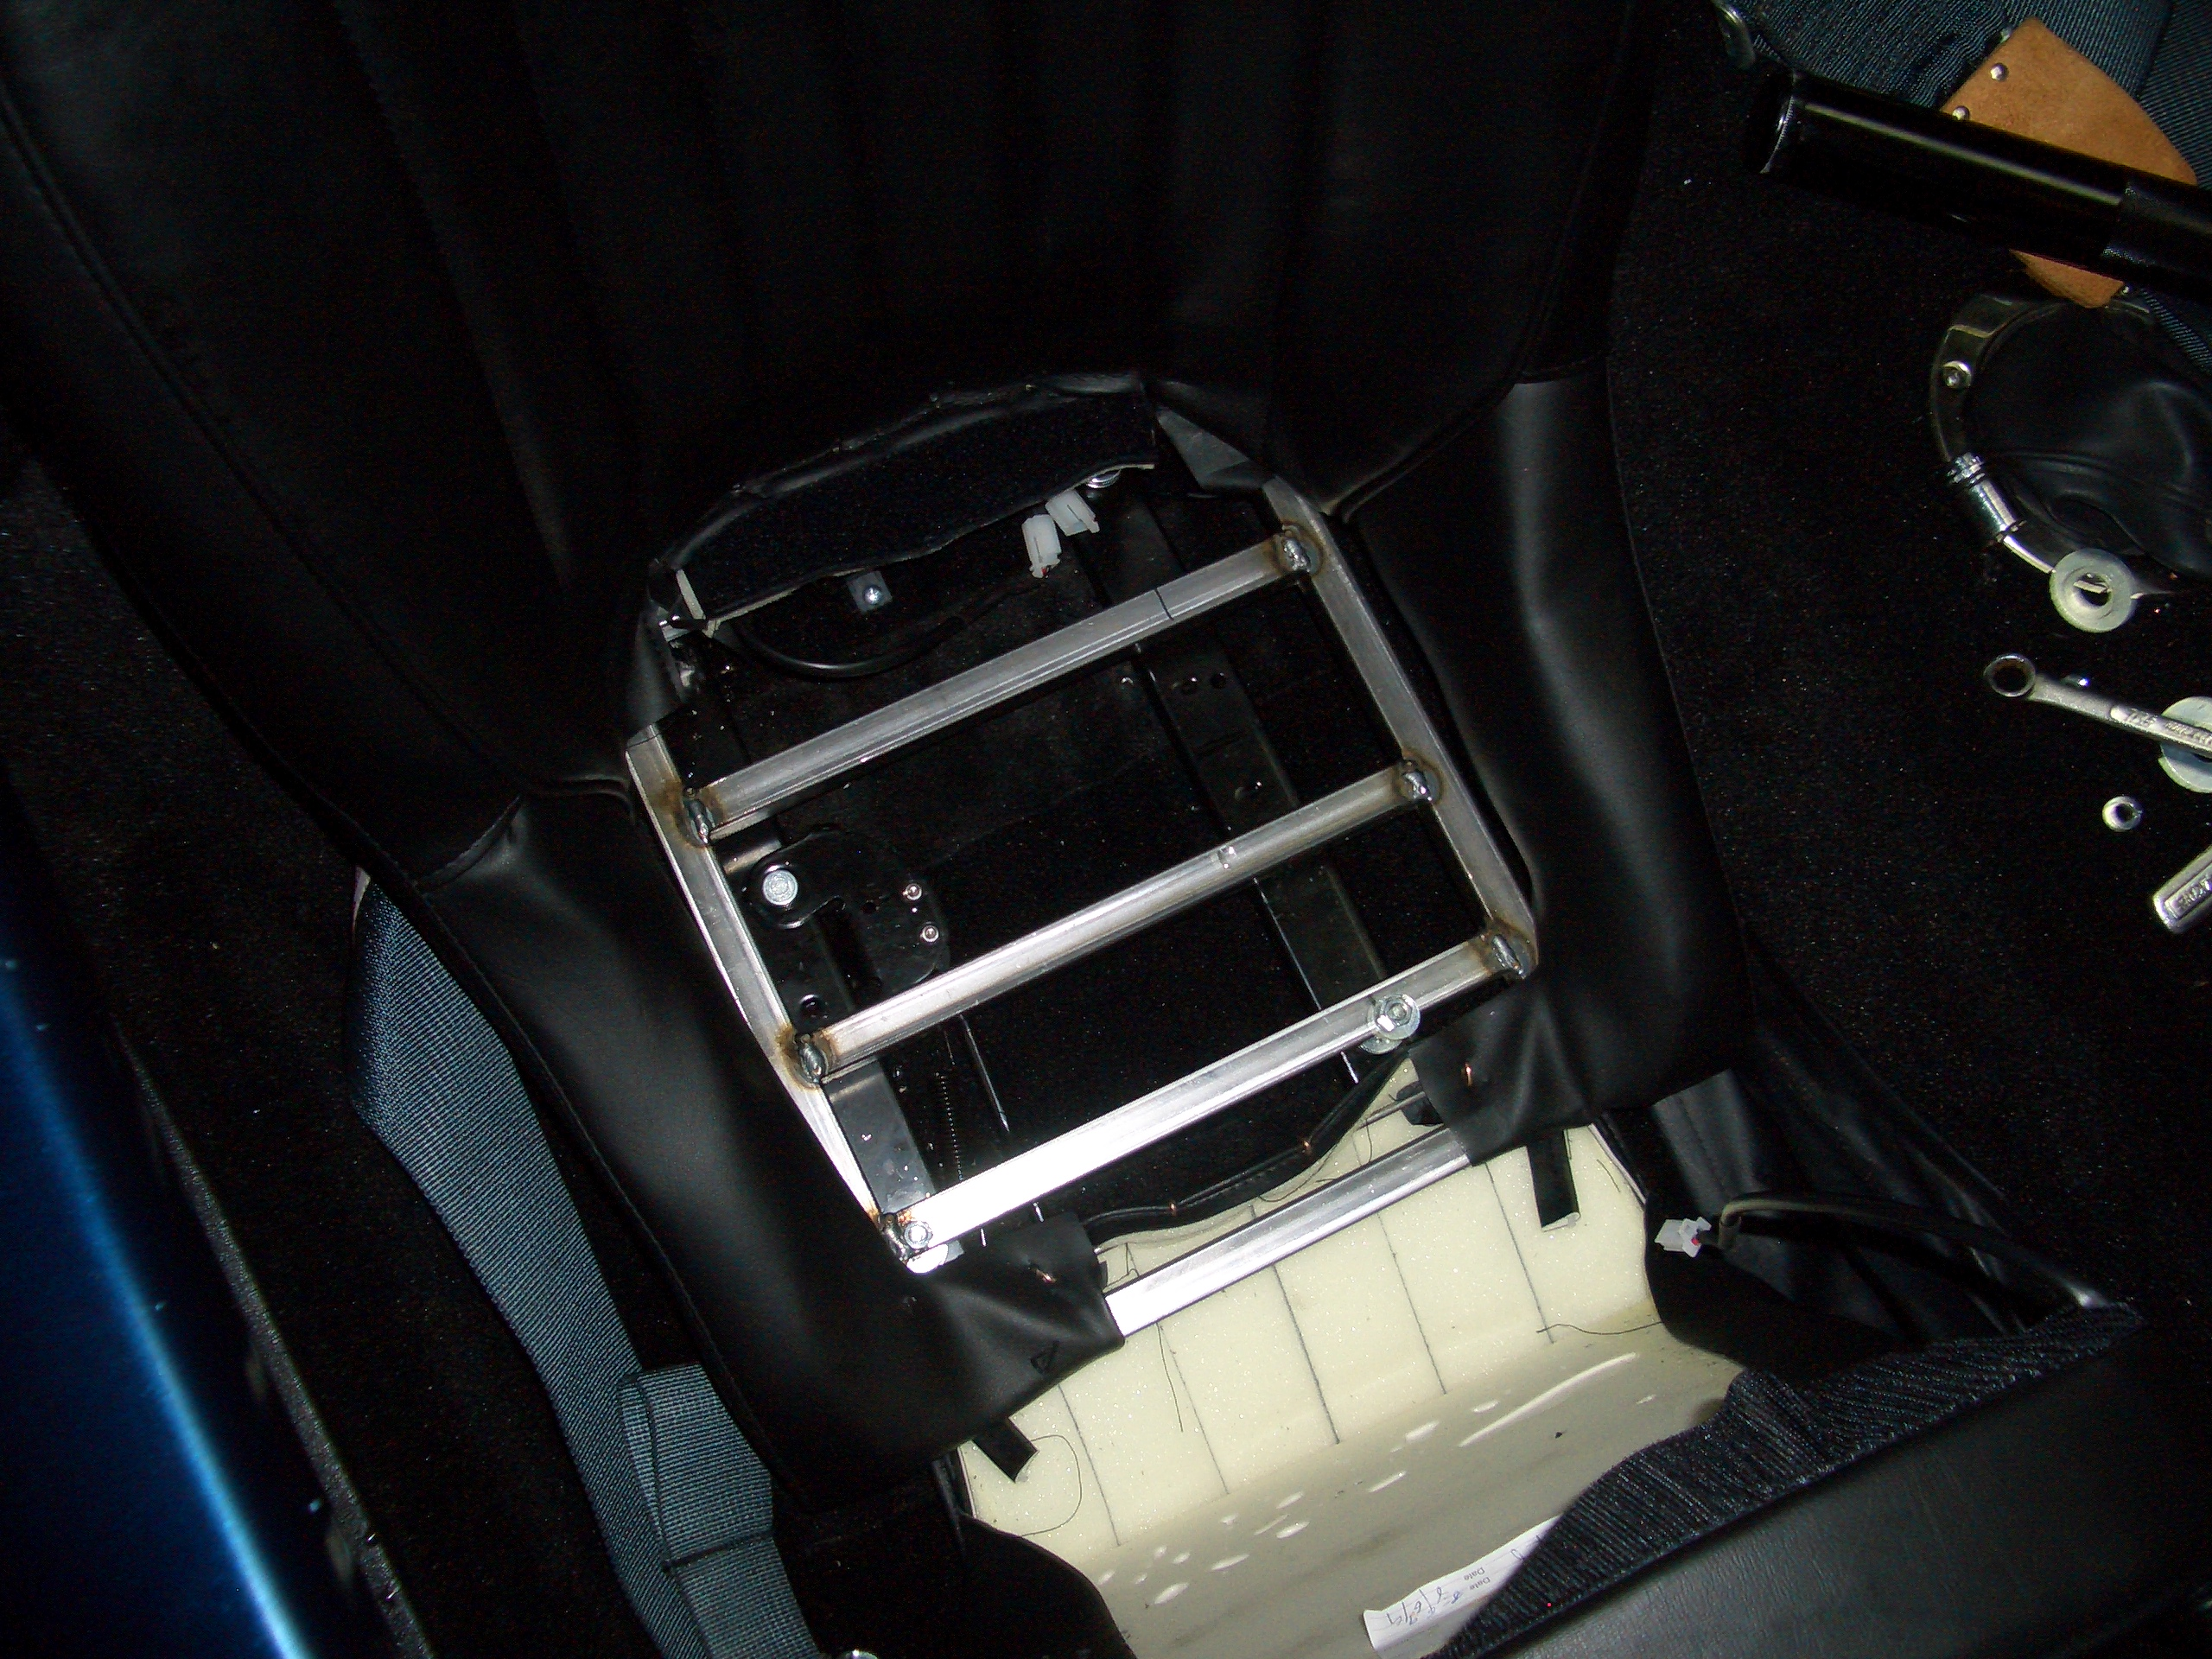 tr6 racecar